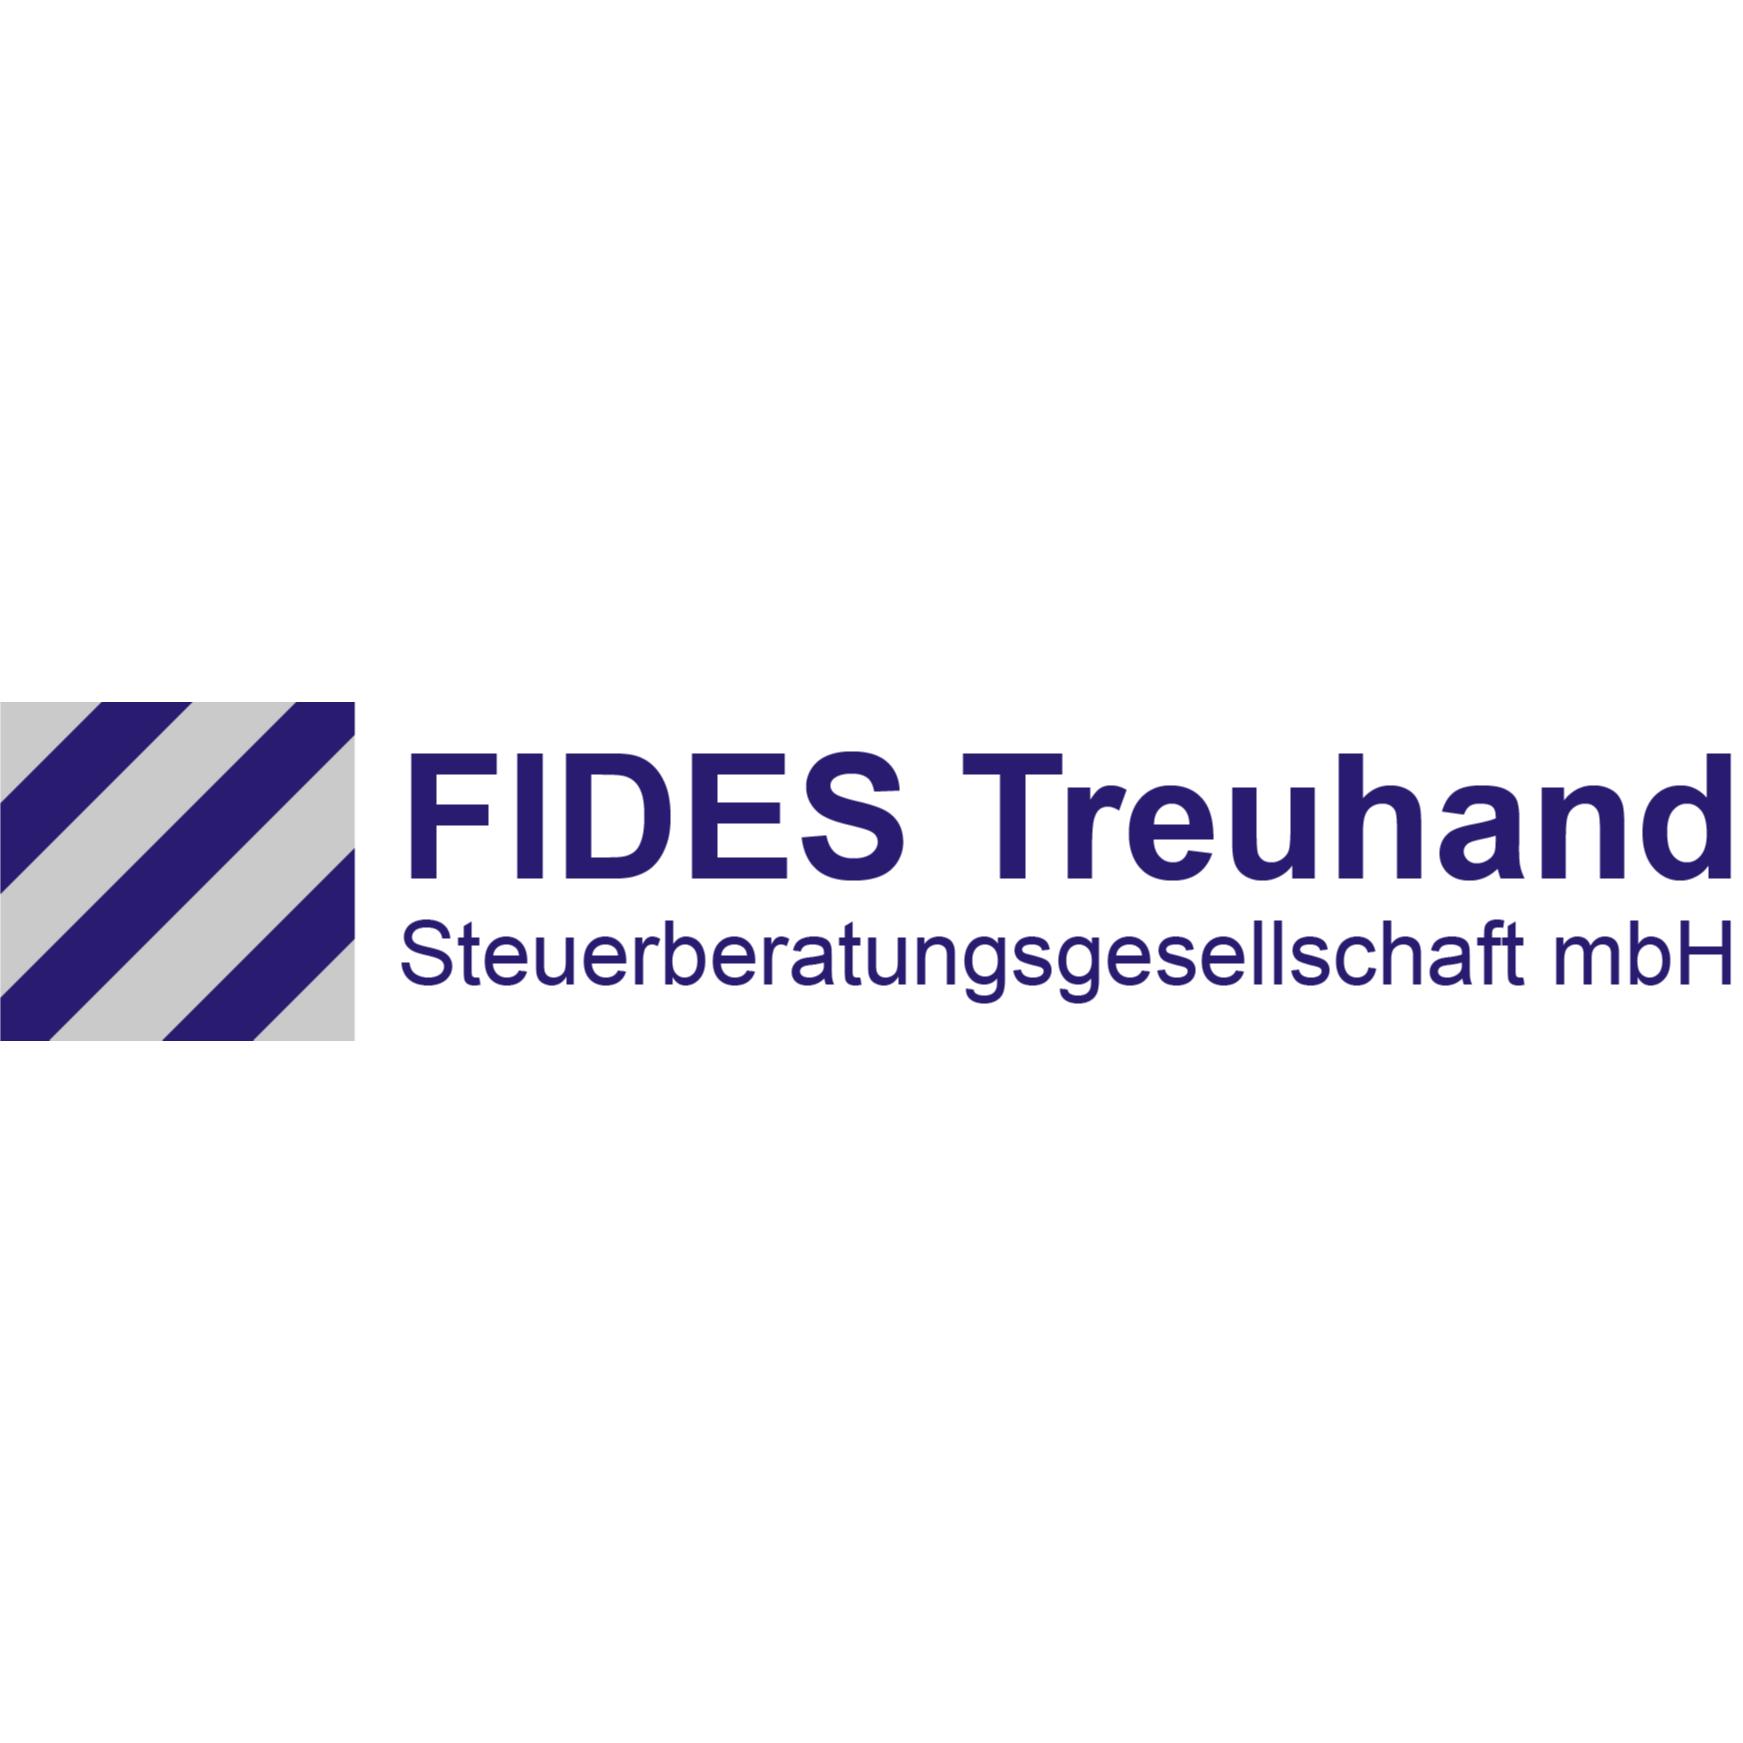 Bild zu FIDES Treuhand Steuerberatungsgesellschaft mbH in Bad Homburg vor der Höhe